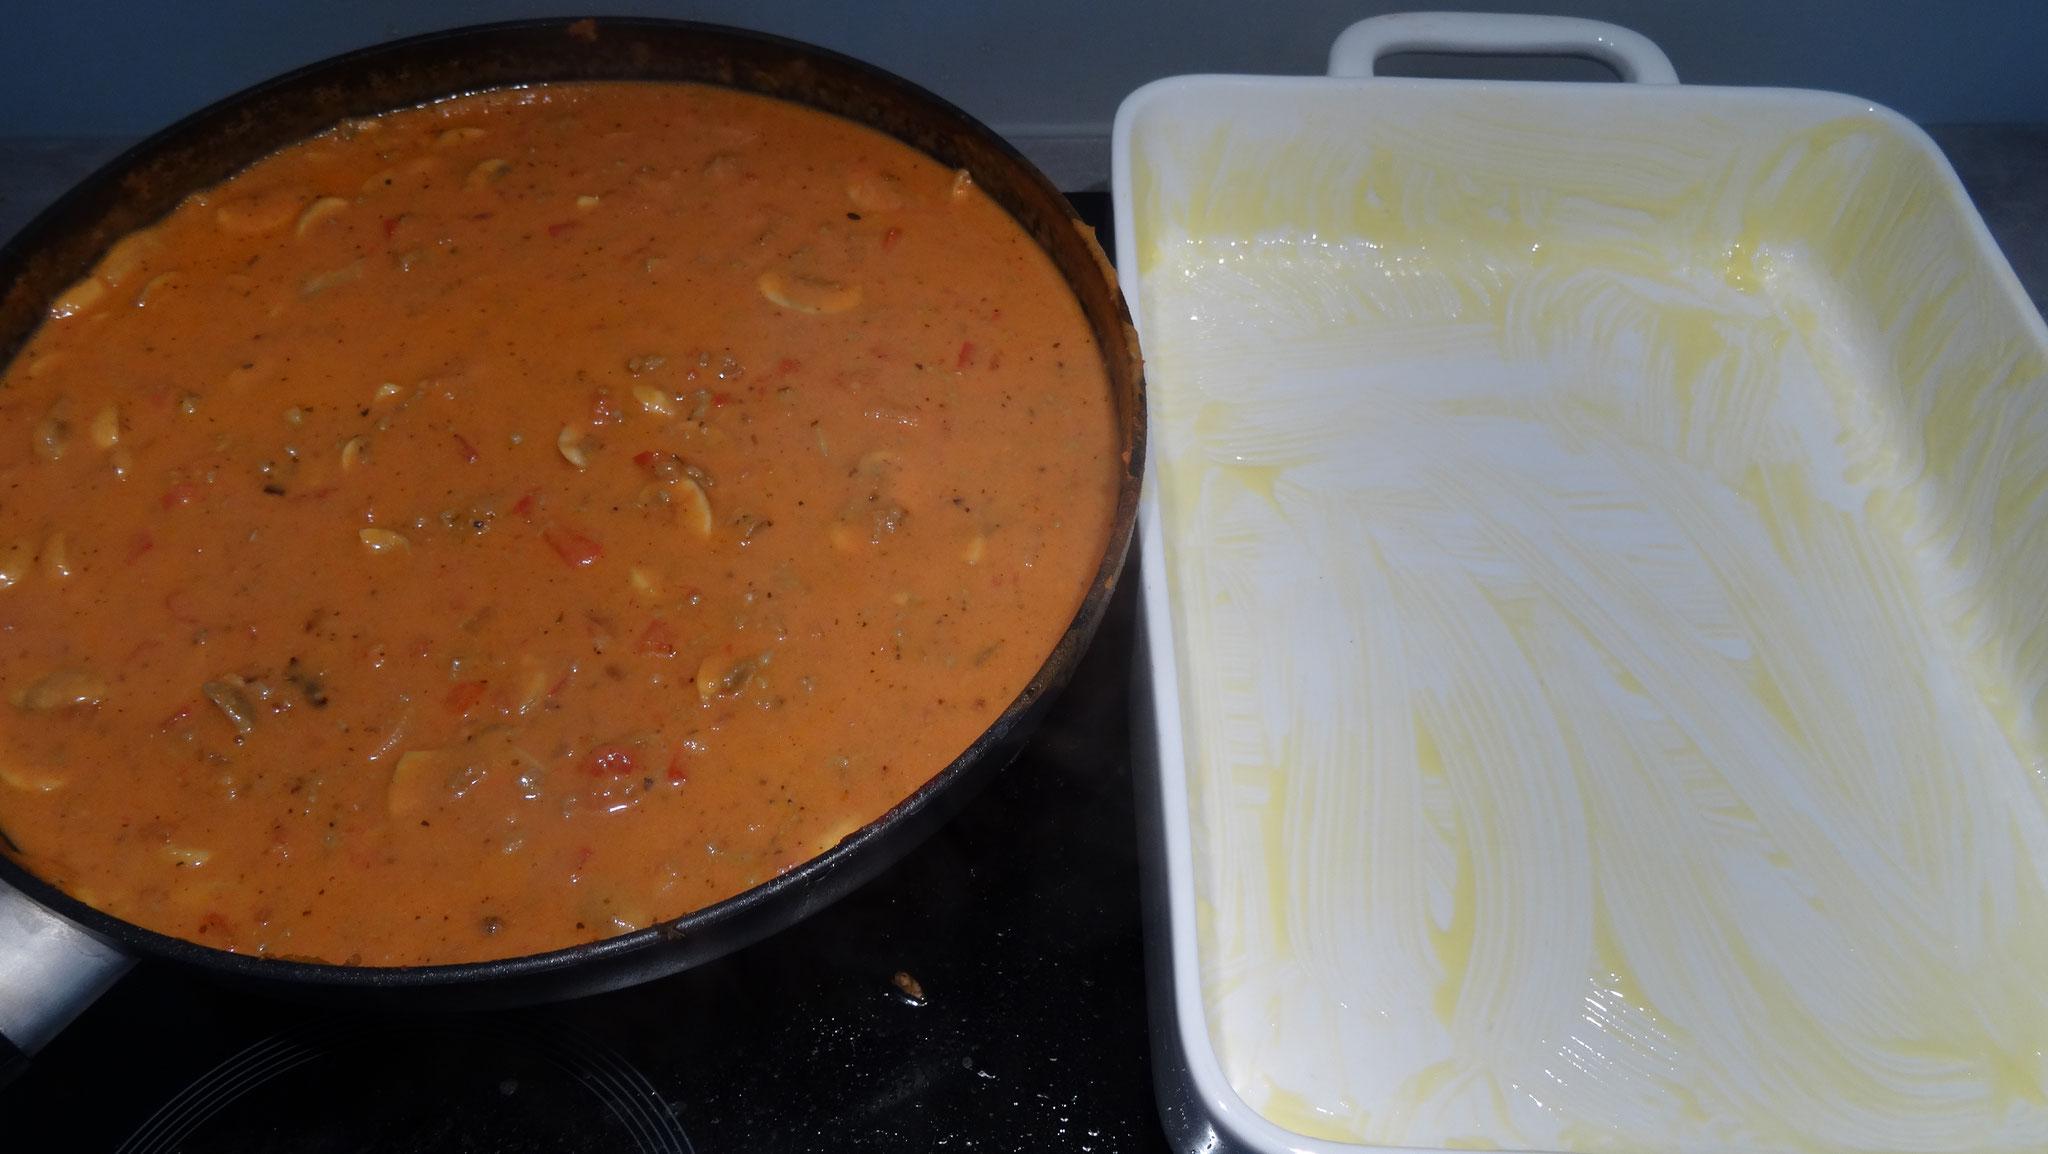 Toevoegen van saus met soeplepel